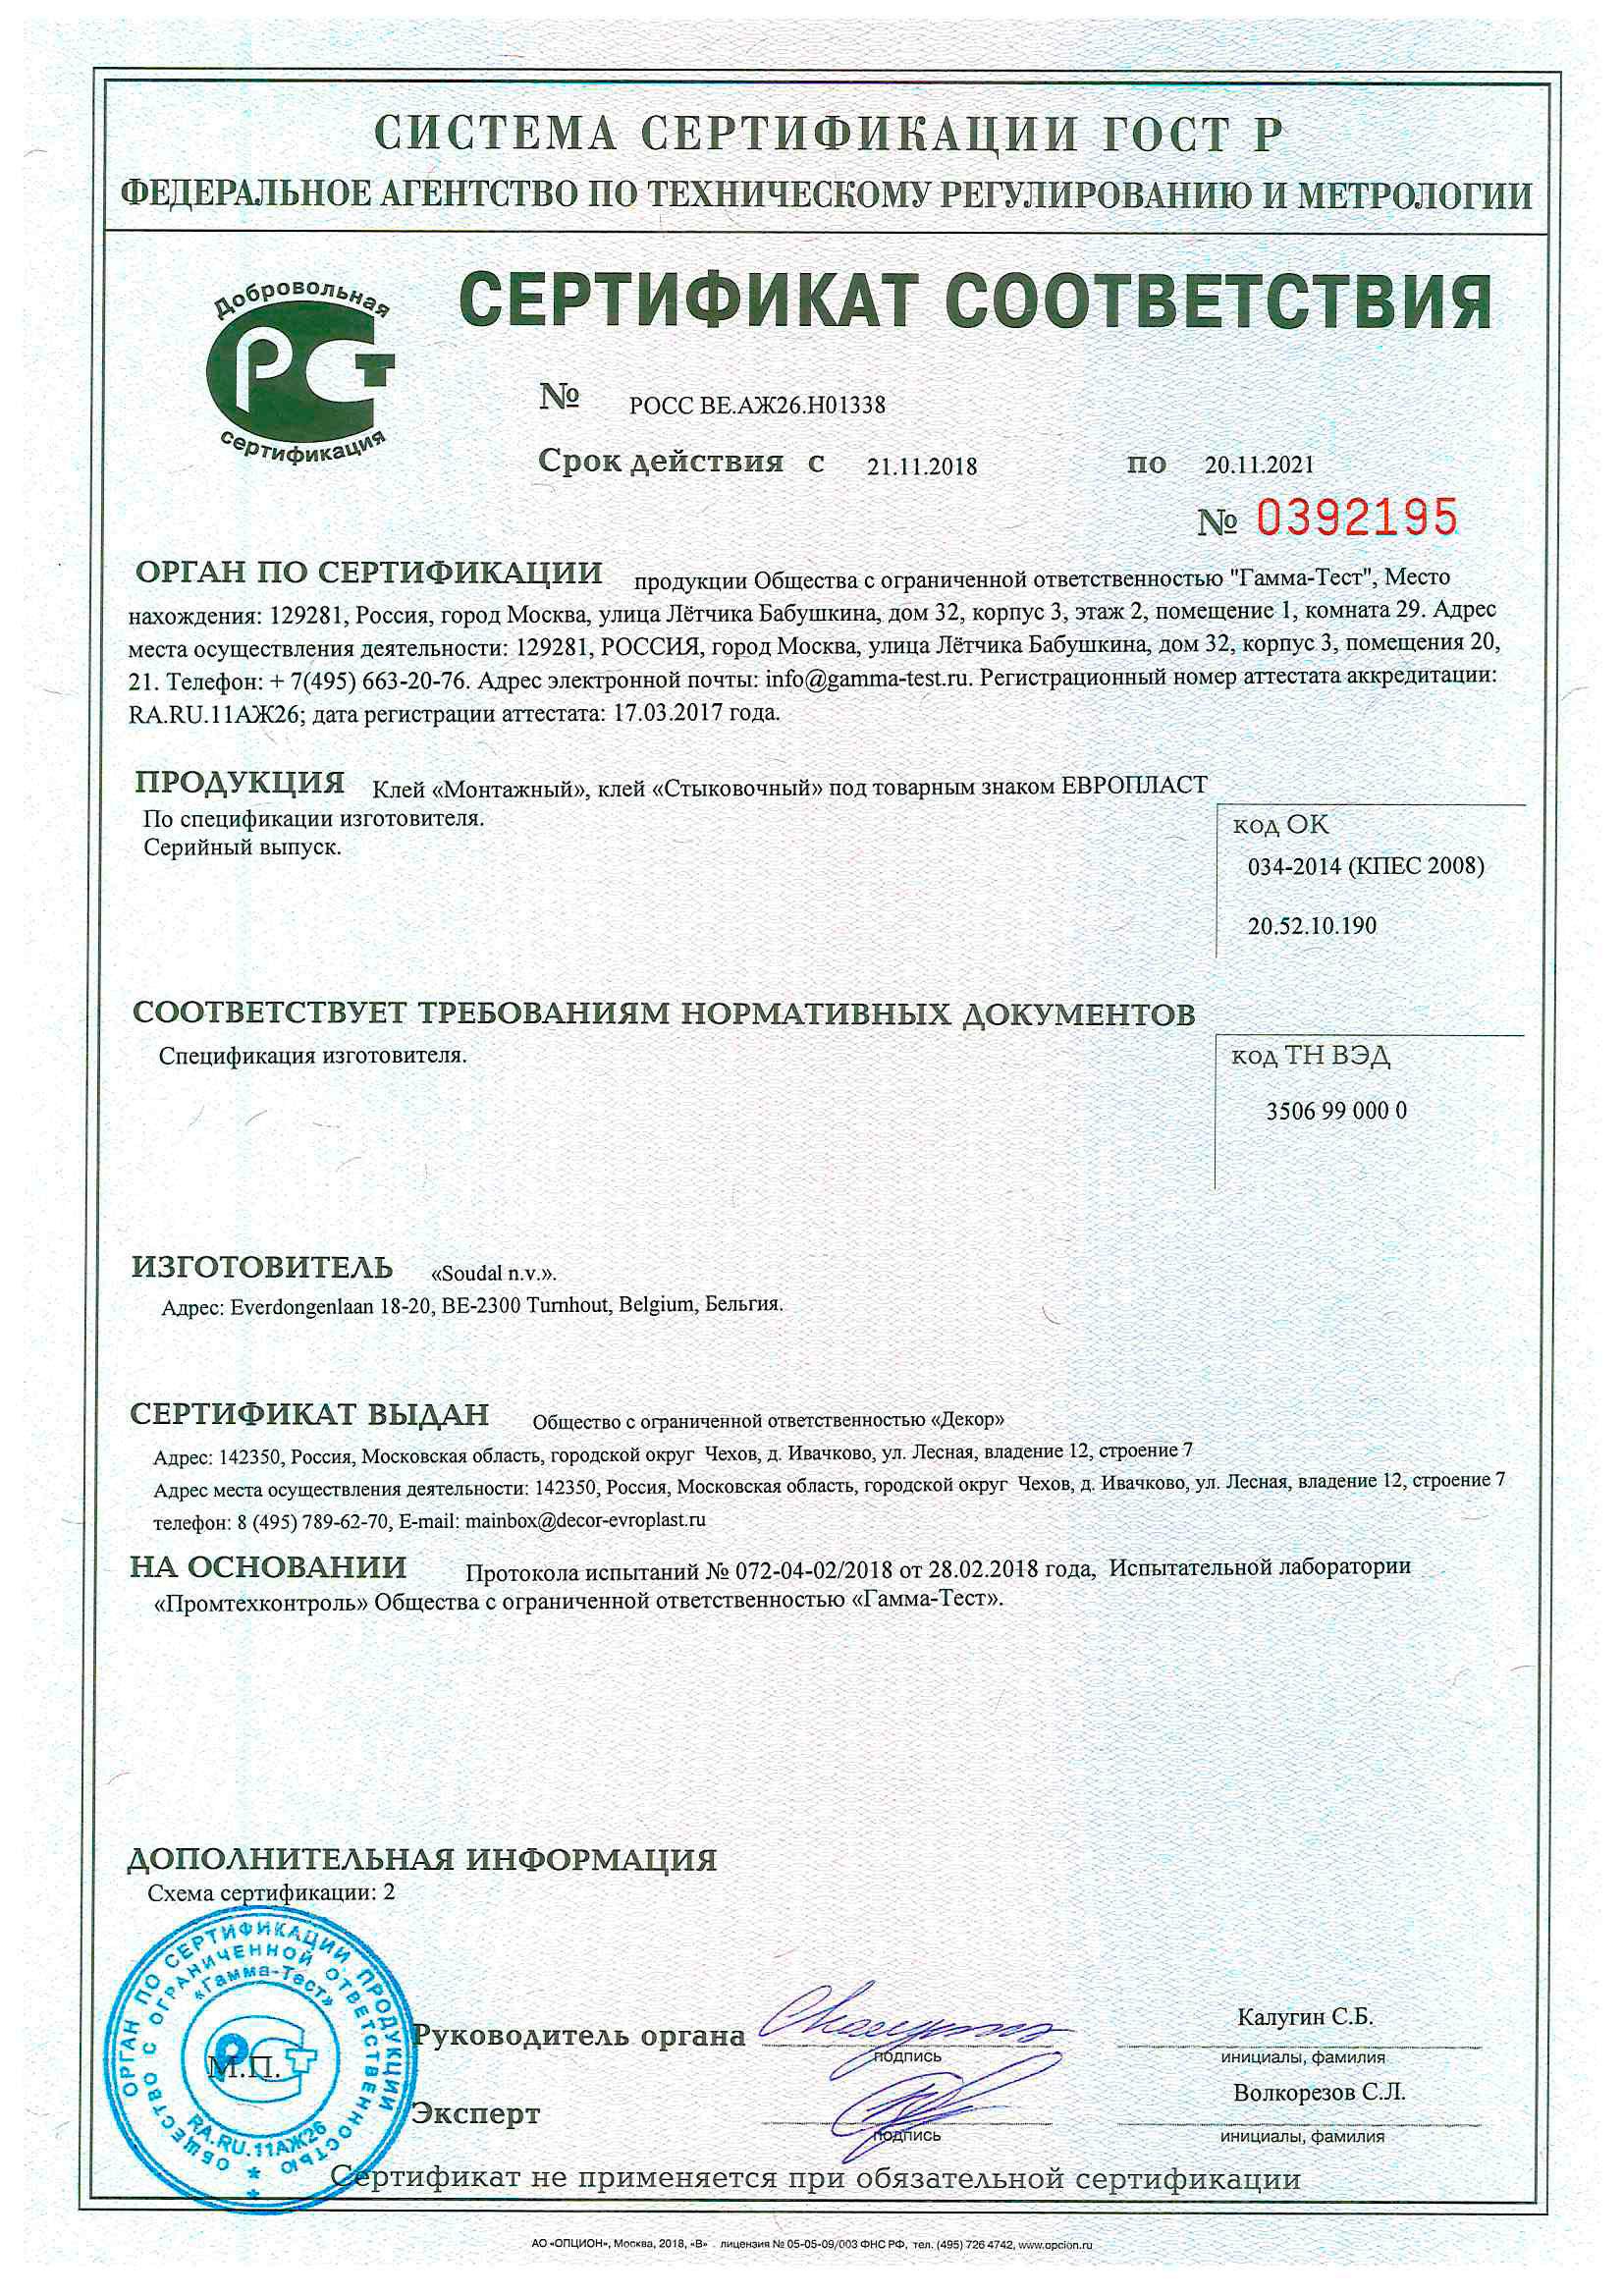 Сертификат соответствия. Подтверждает, что клей